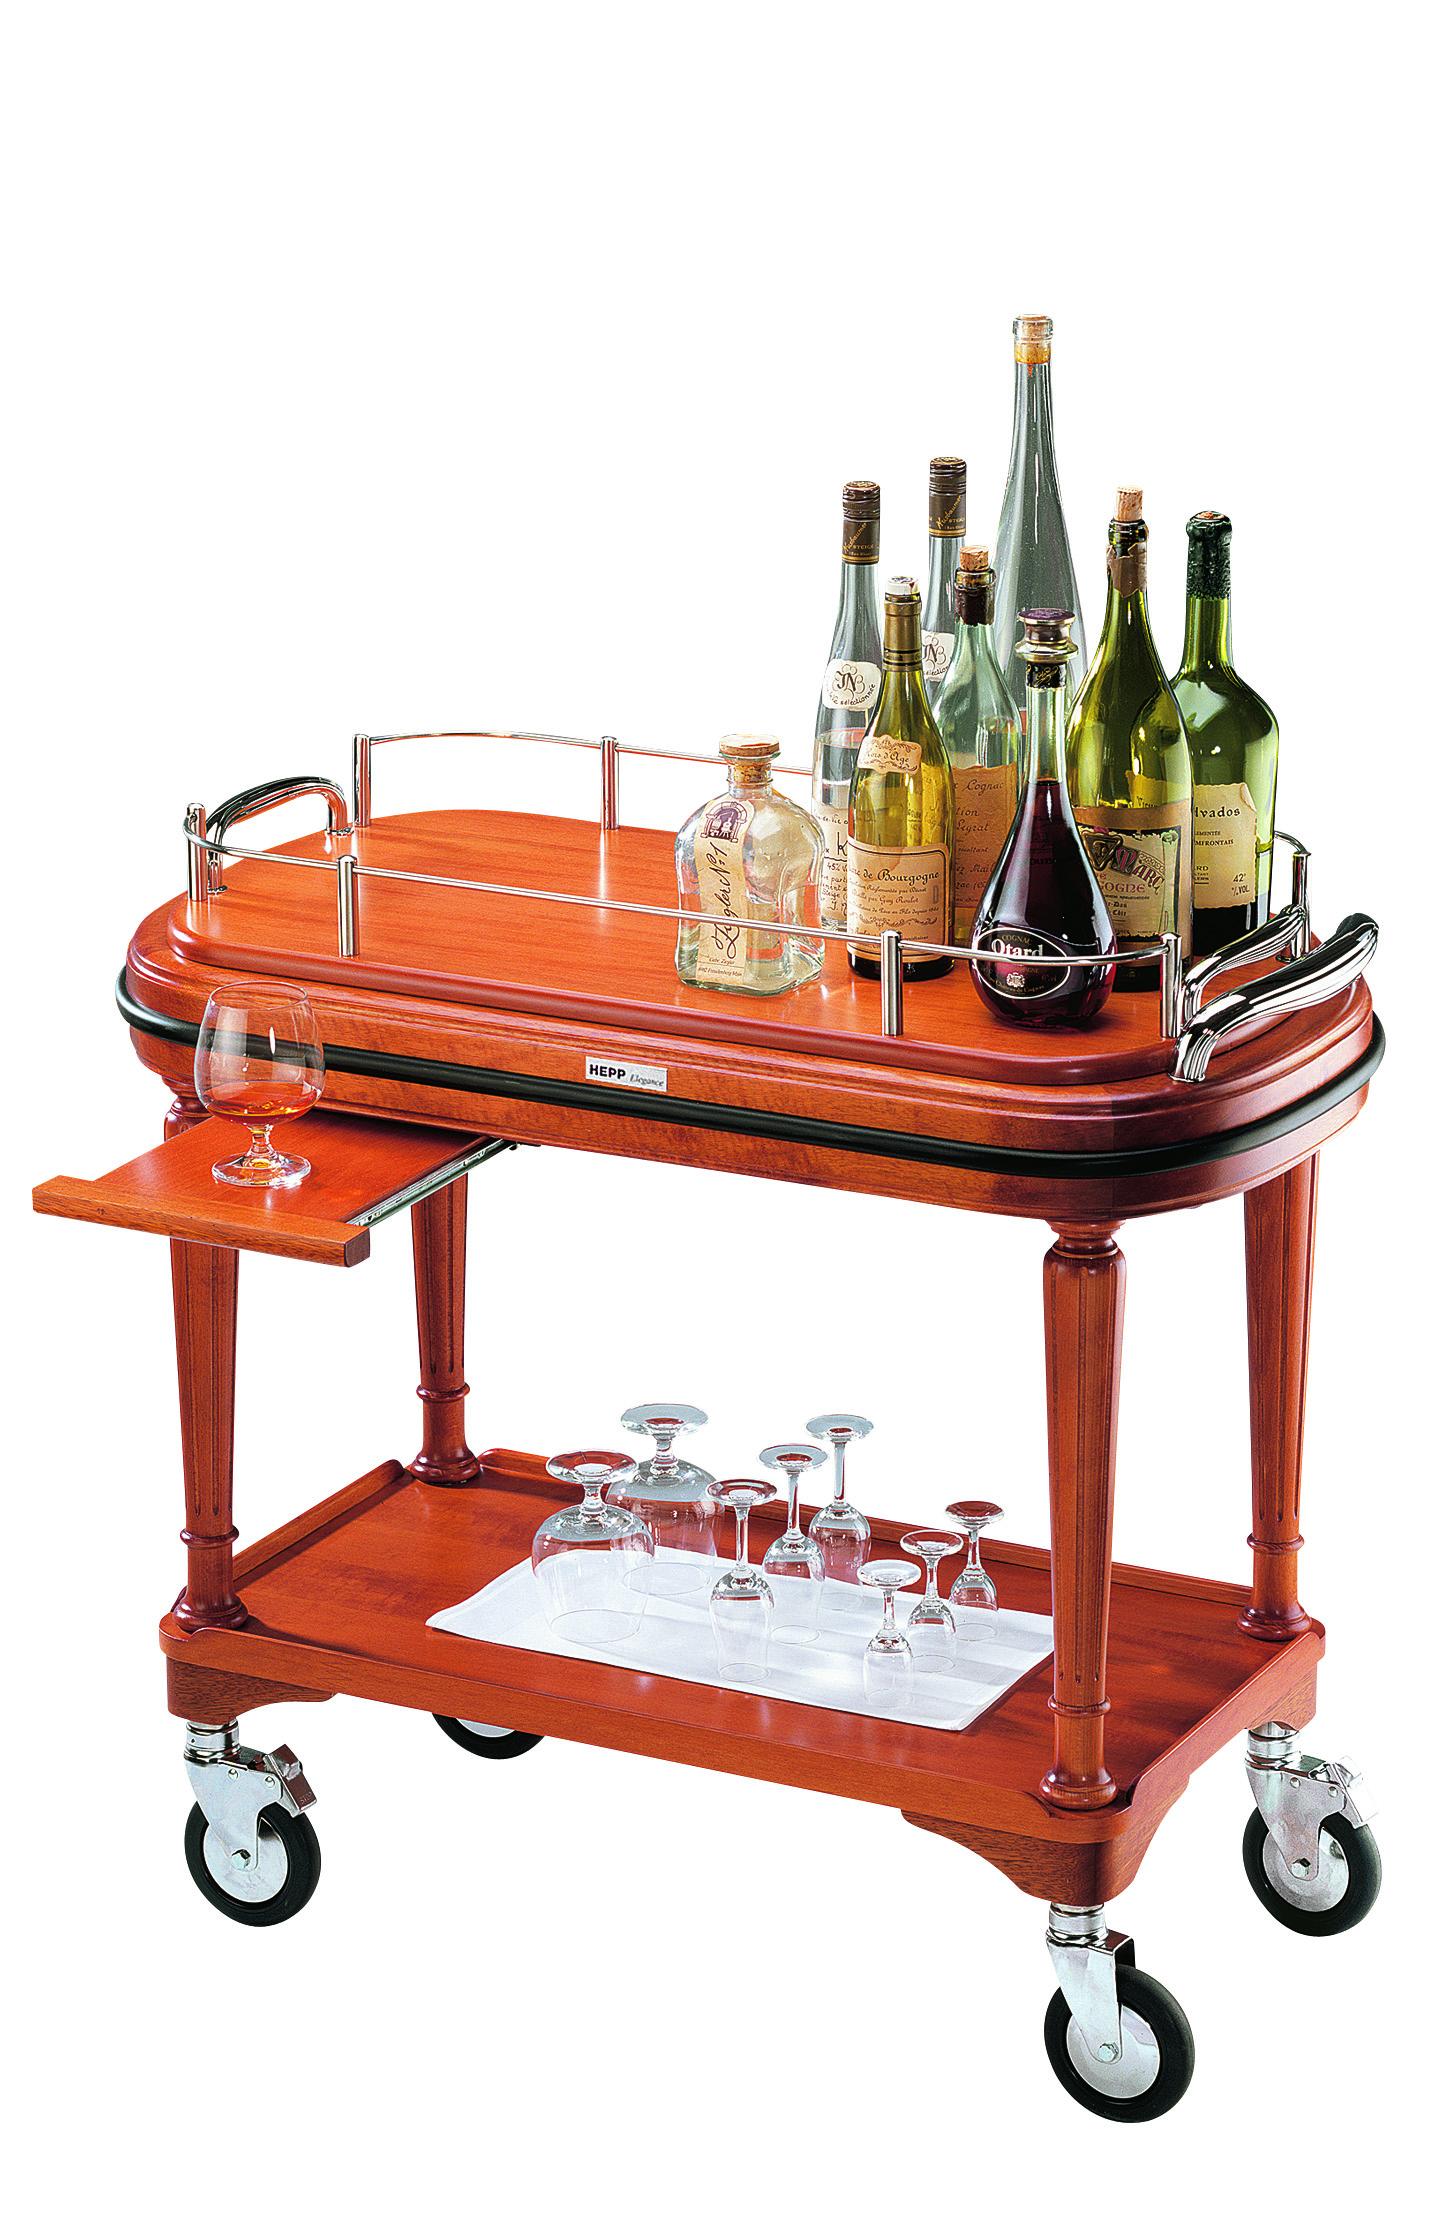 servierwagen f r gastronomie online kaufen e k. Black Bedroom Furniture Sets. Home Design Ideas